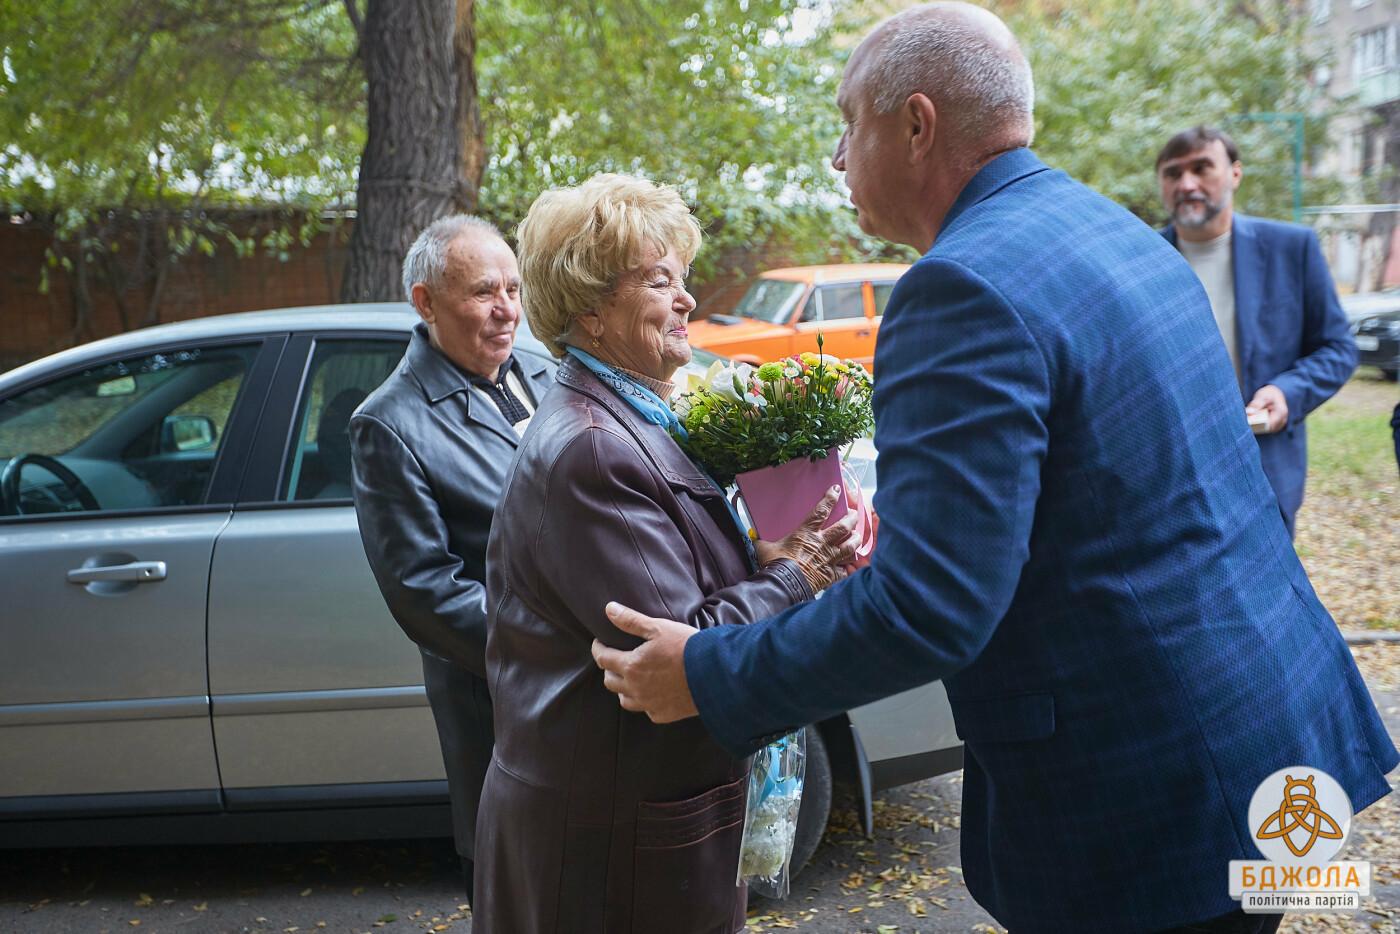 Партия «Бджола» поздравила ветеранов Каменского с 76-й годовщиной освобождения города, фото-4